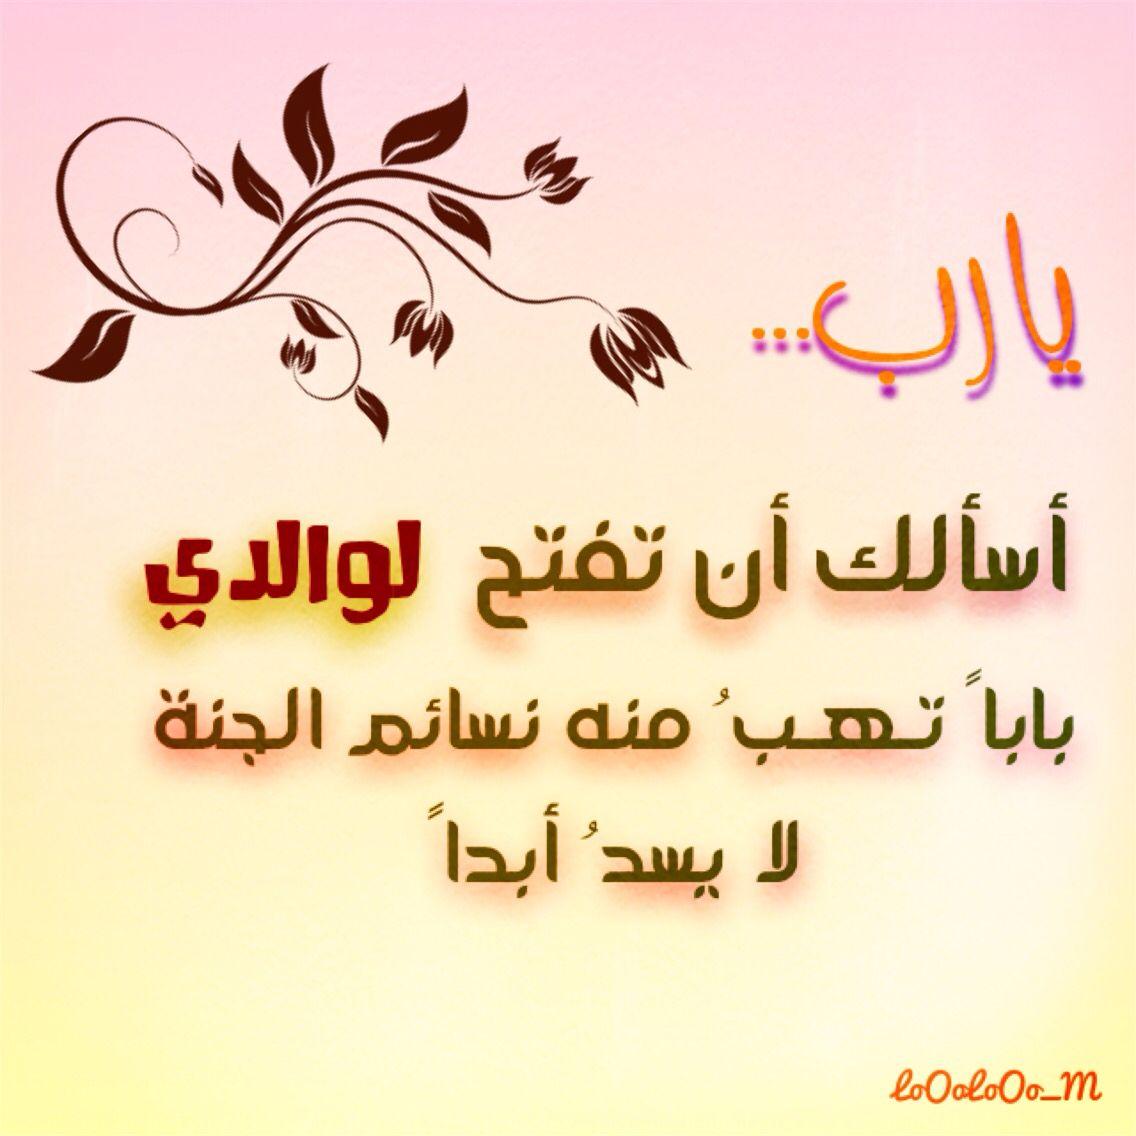 أبي اللهم أنزله منزلا مباركا وأنت خير المنزلين Arabic Calligraphy Calligraphy Arabic